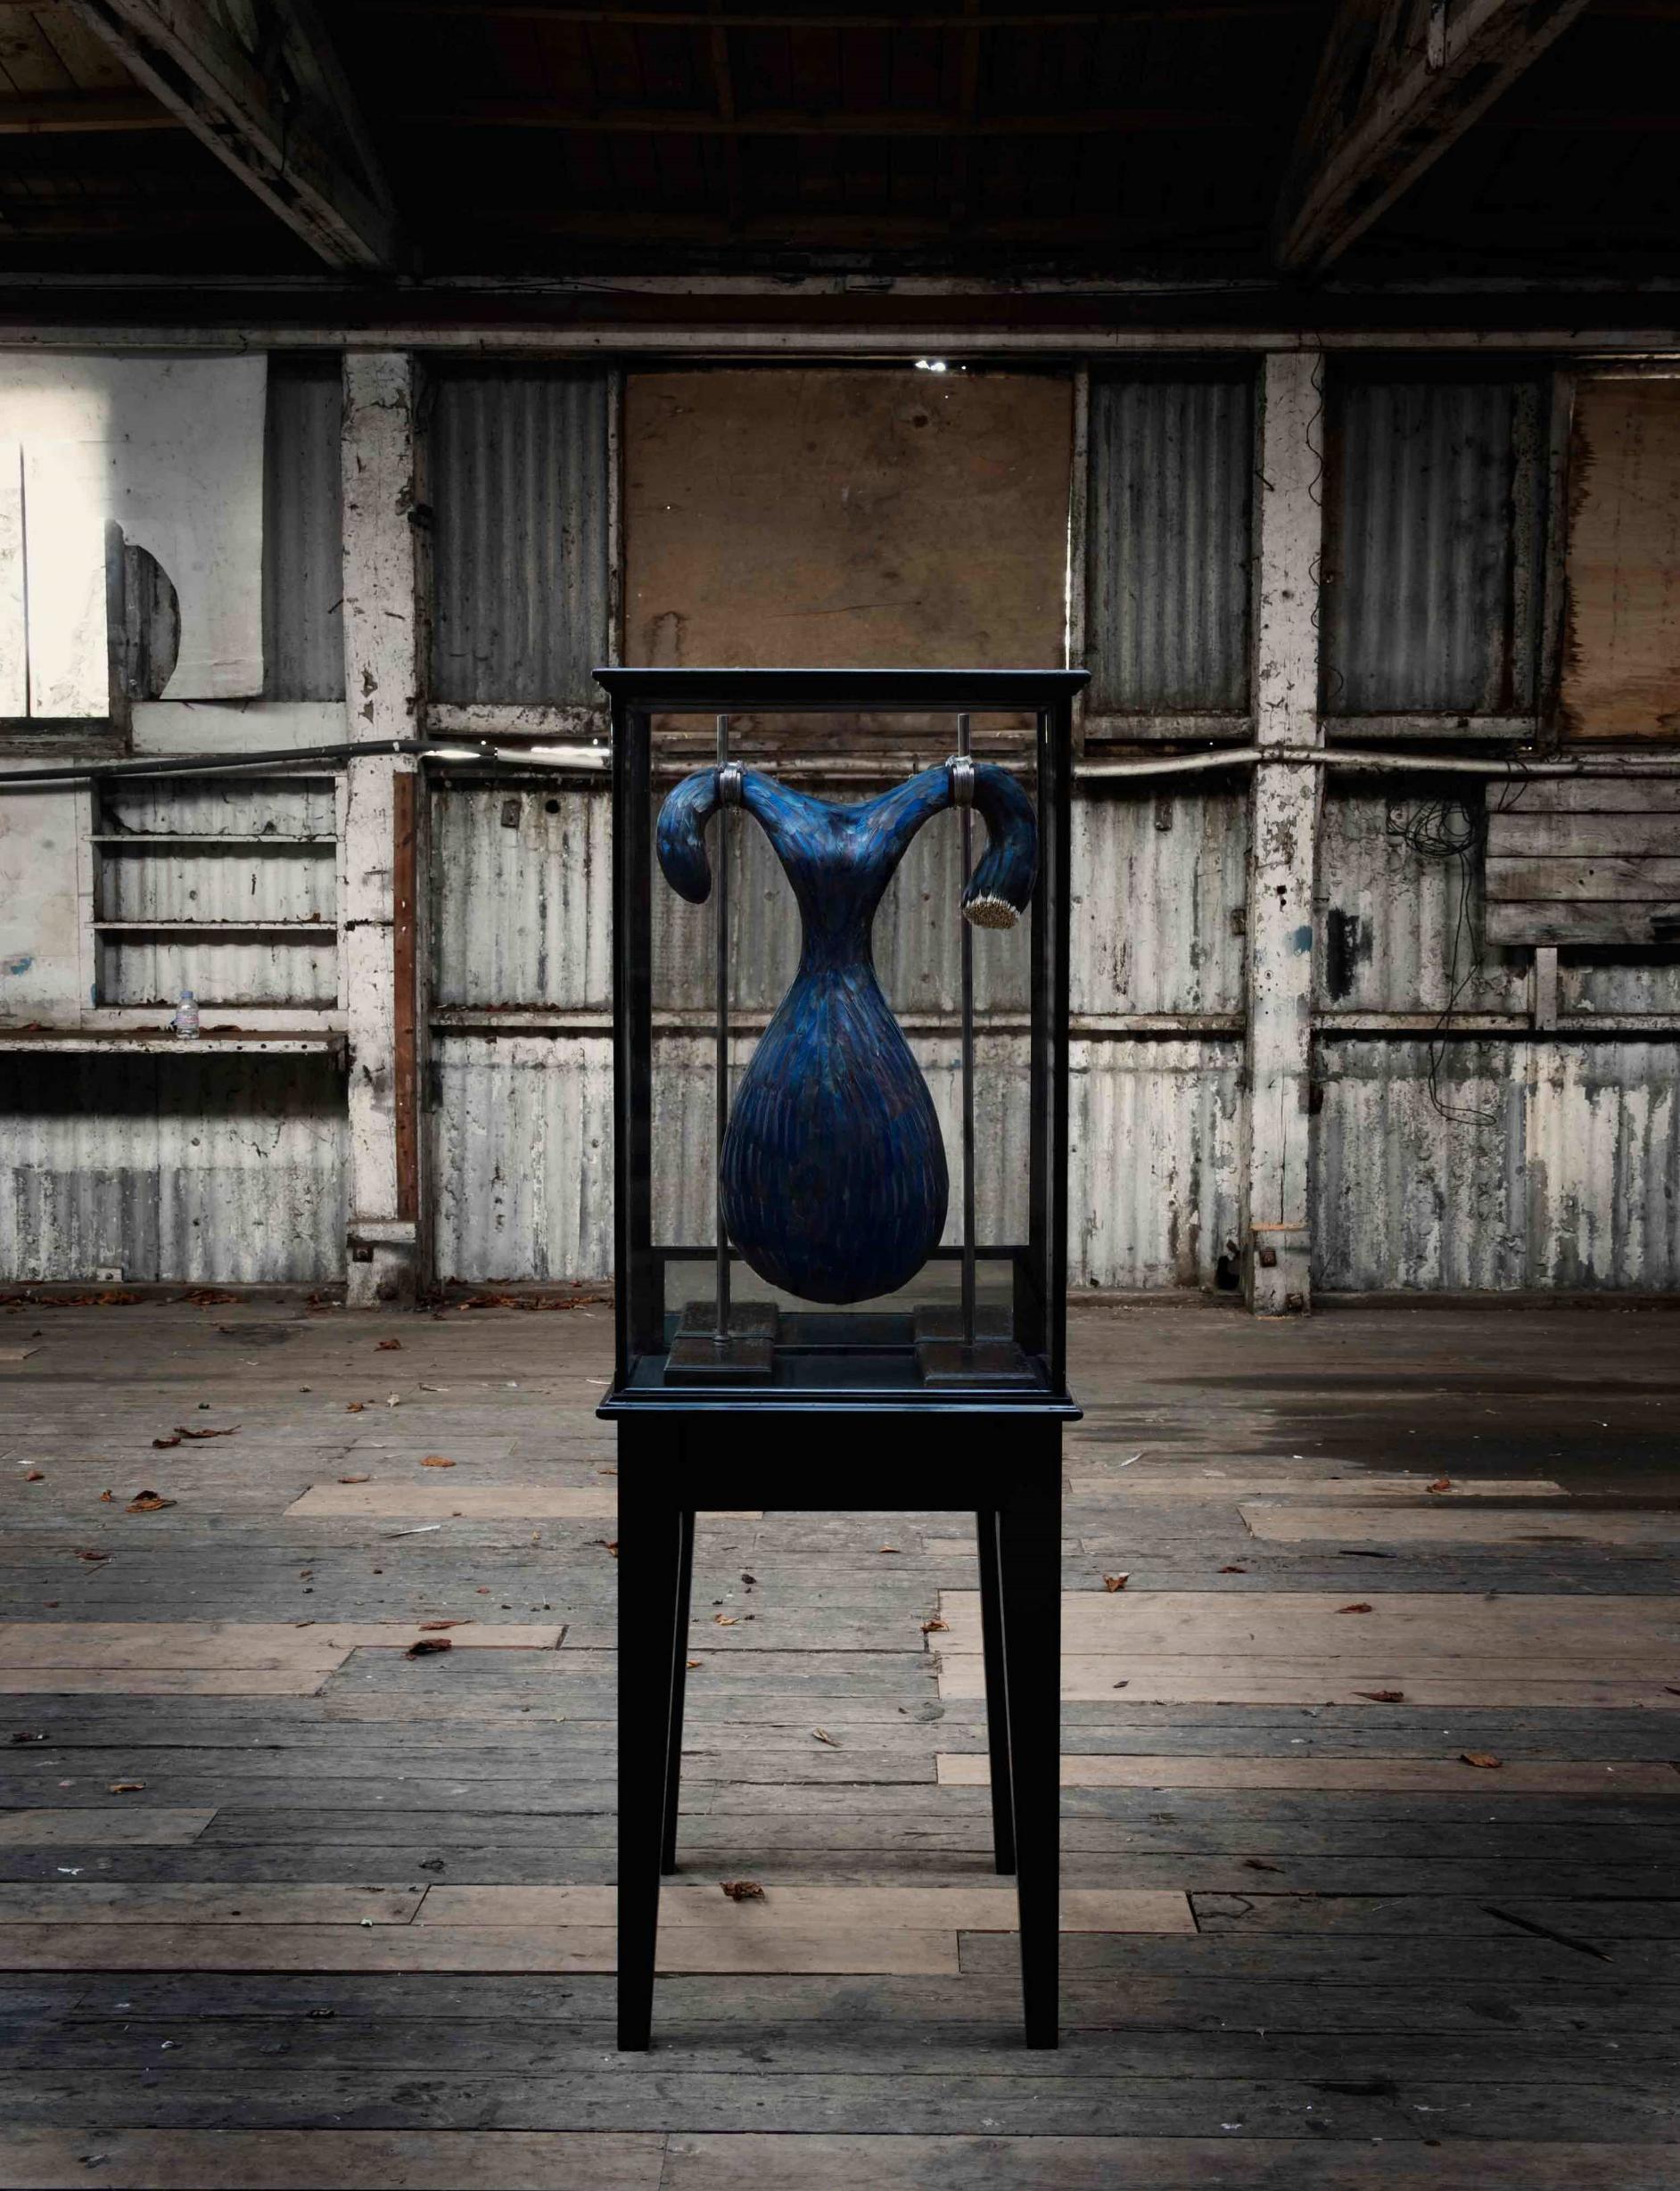 Coerce, 2012, Kate MccGwire